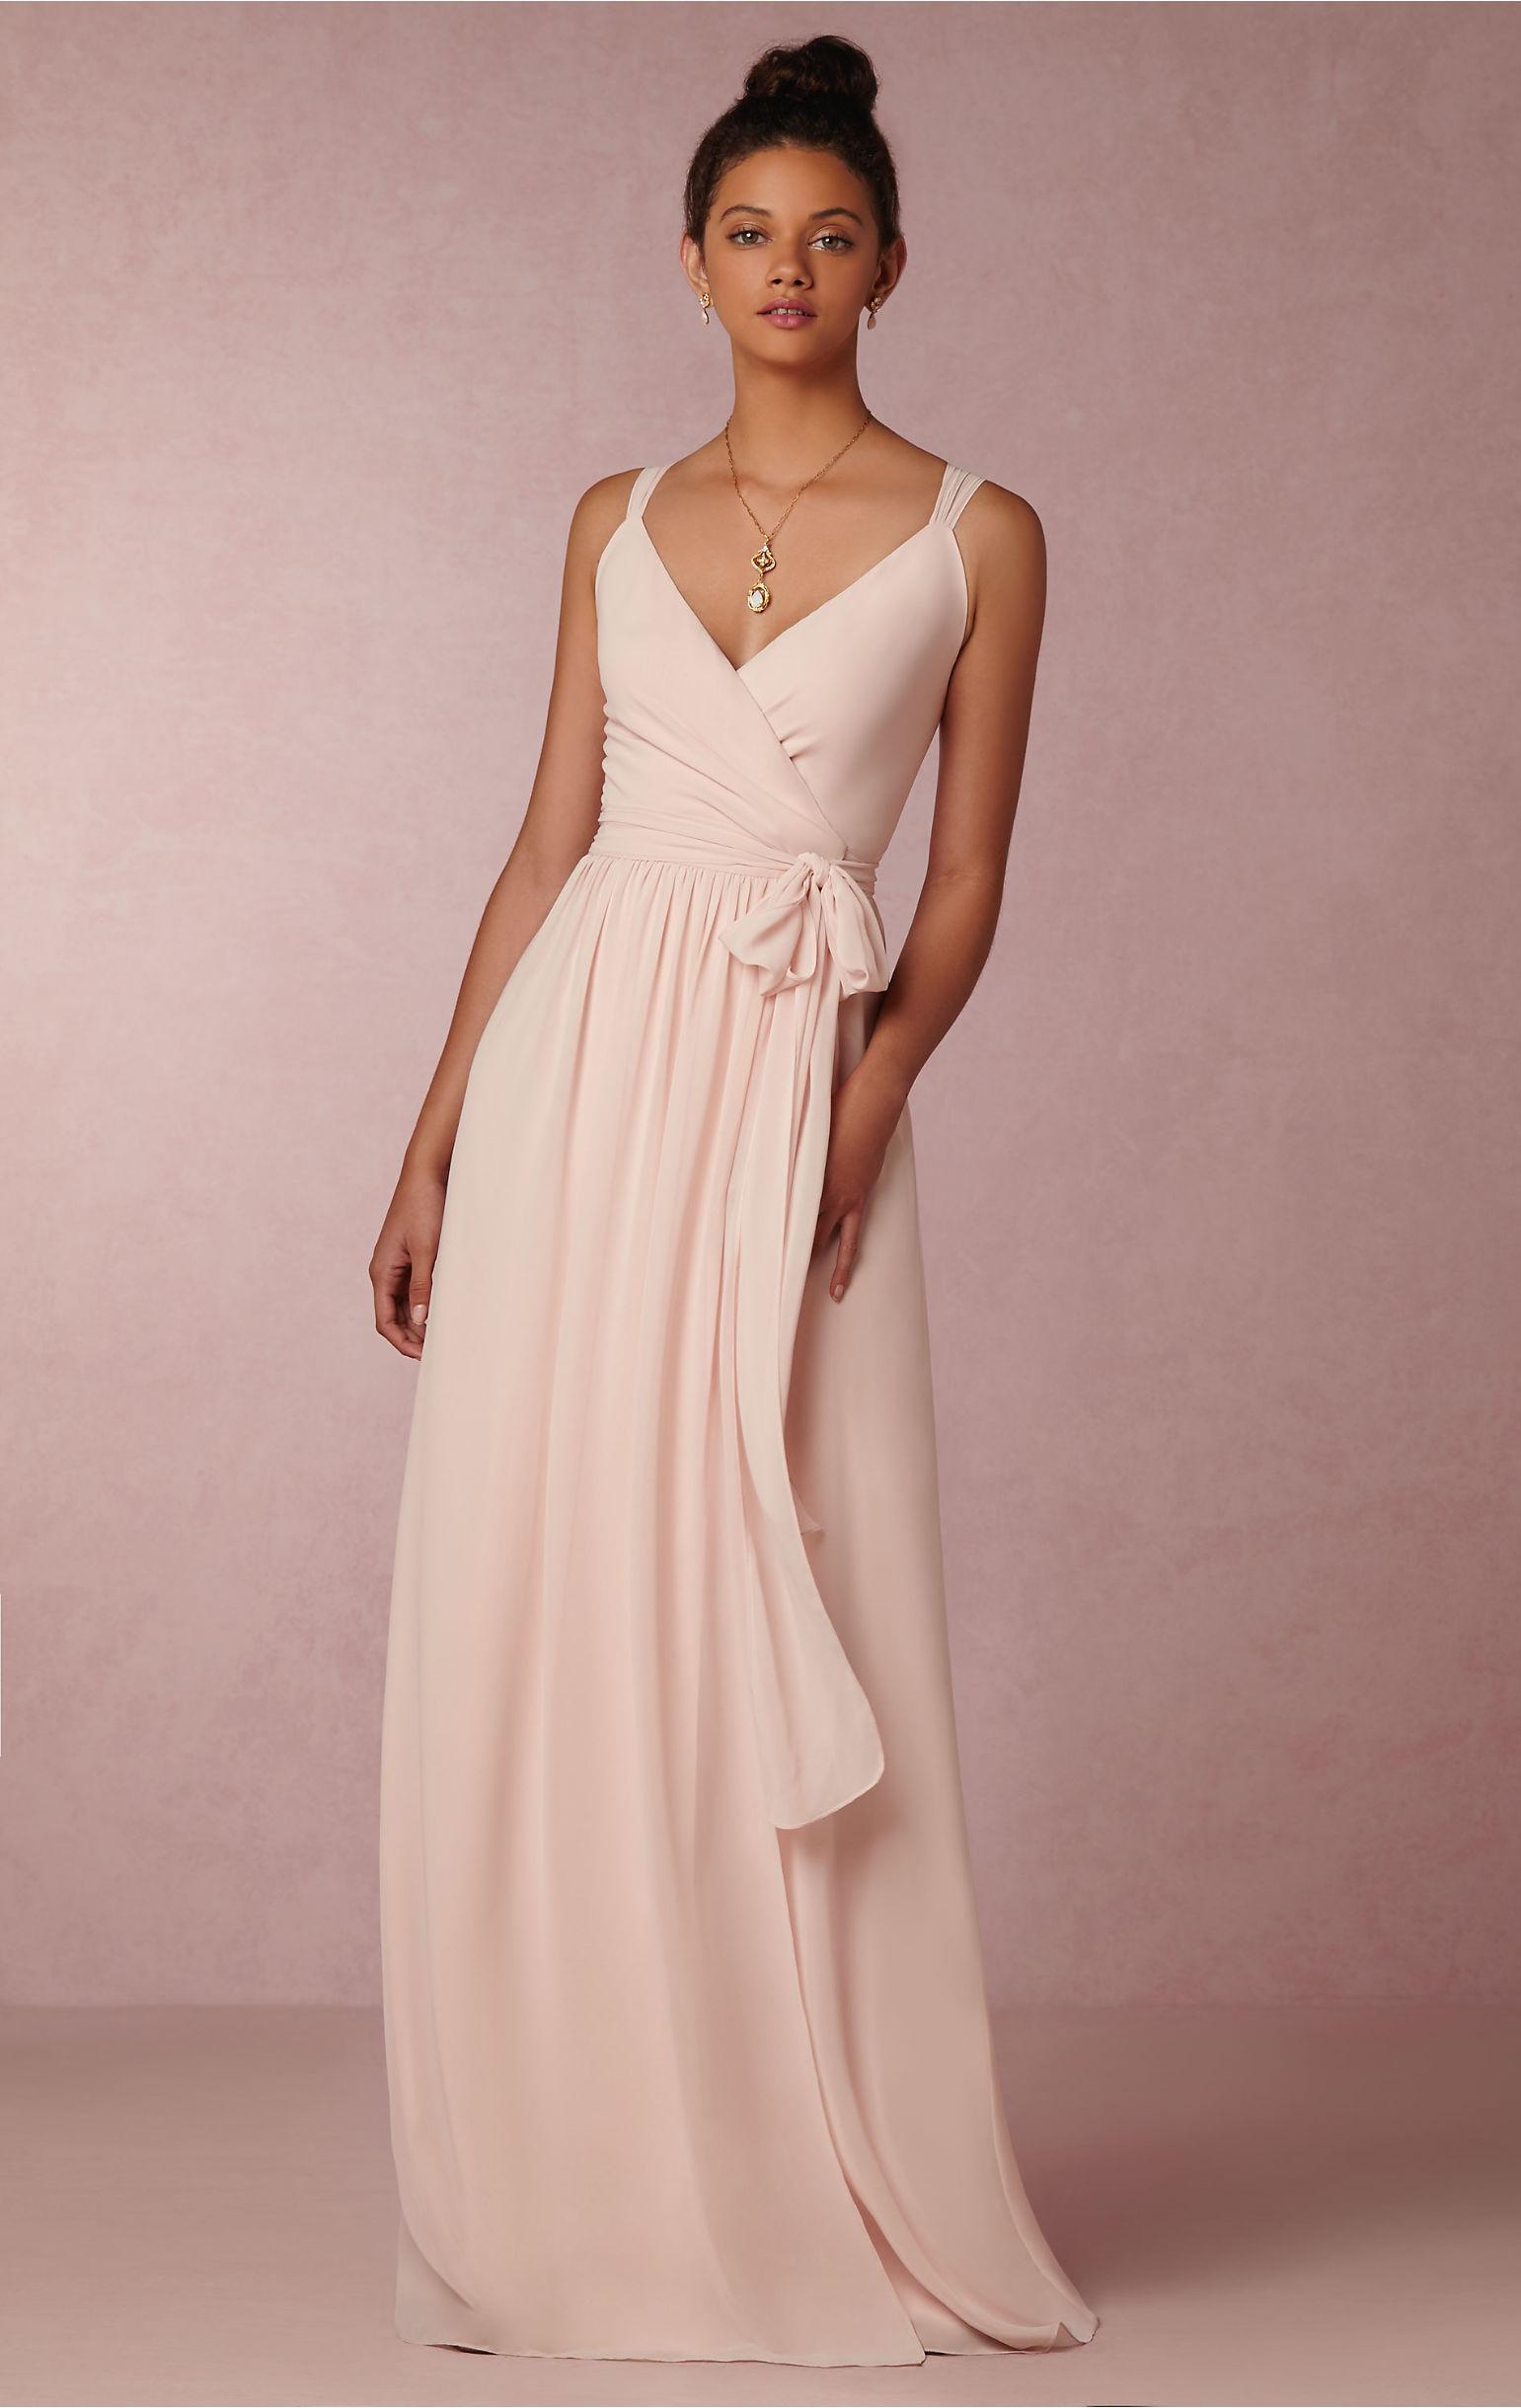 unique bridesmaid dress